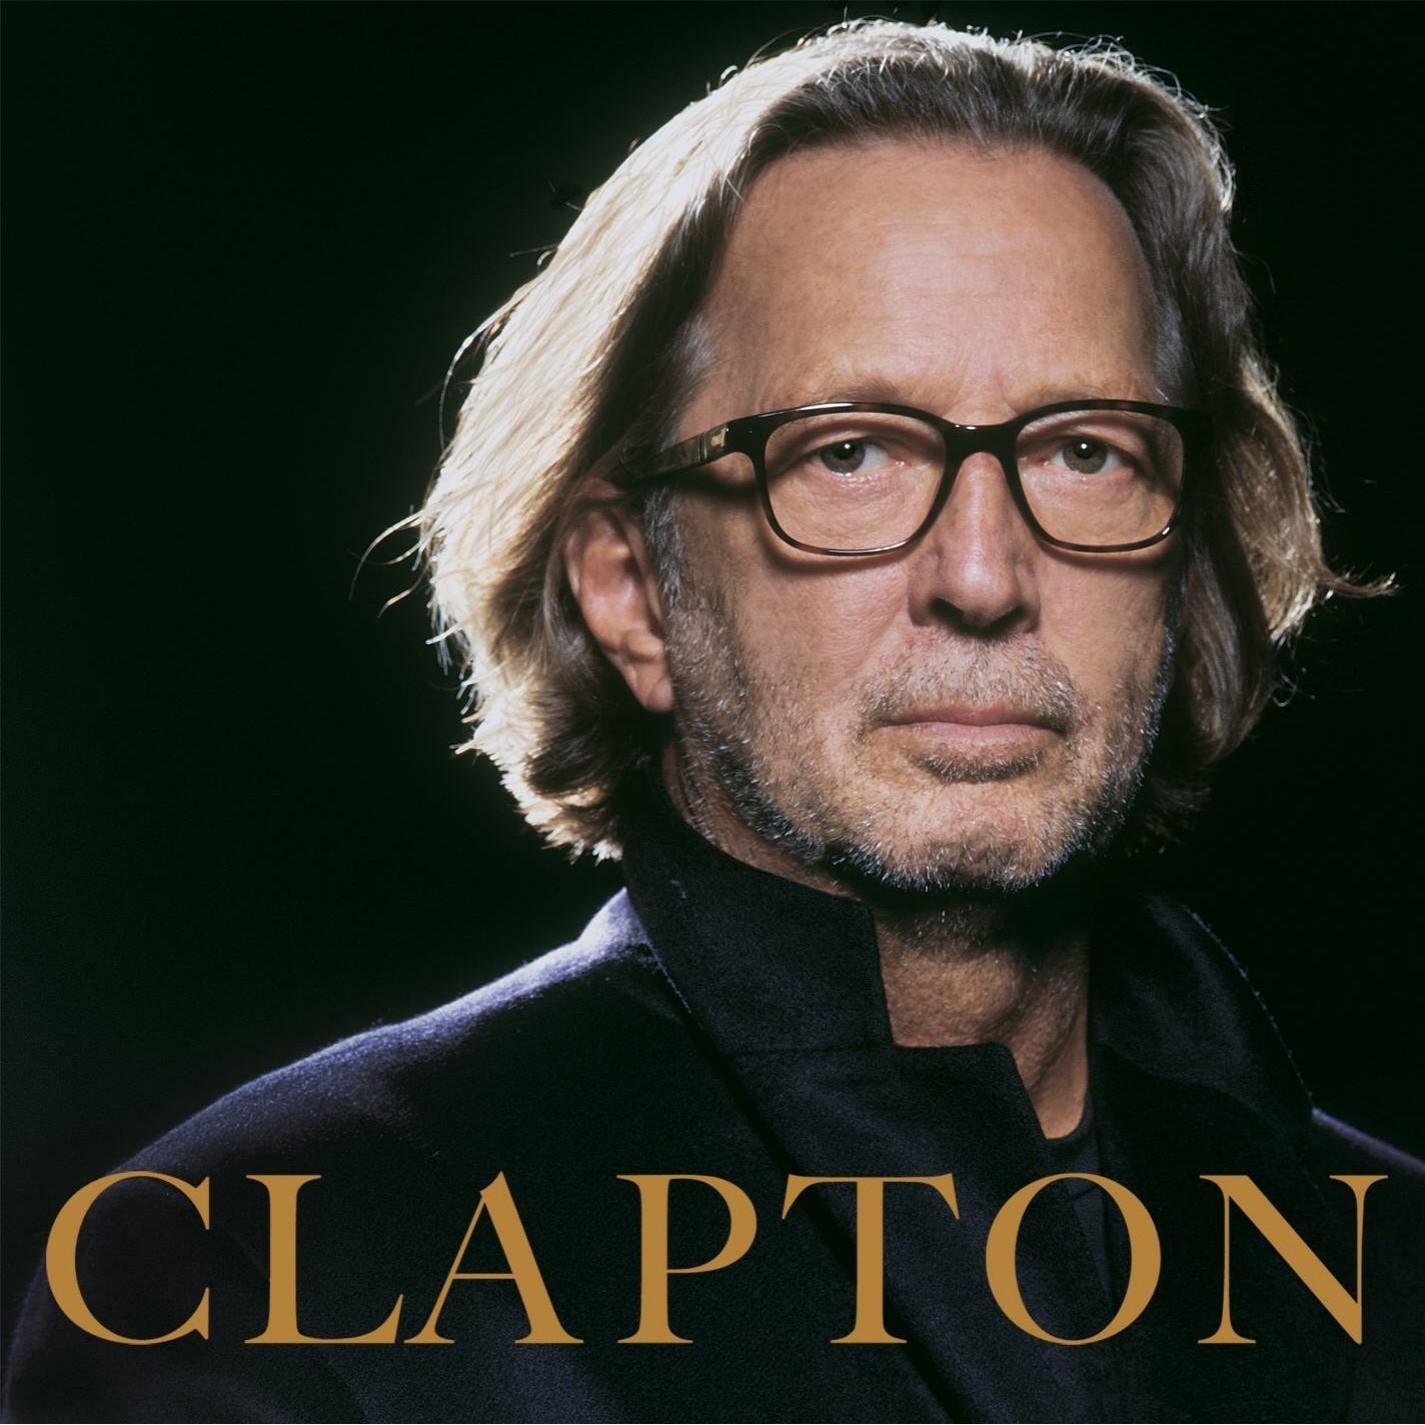 clapton album di eric clapton tracklist e copertina cd